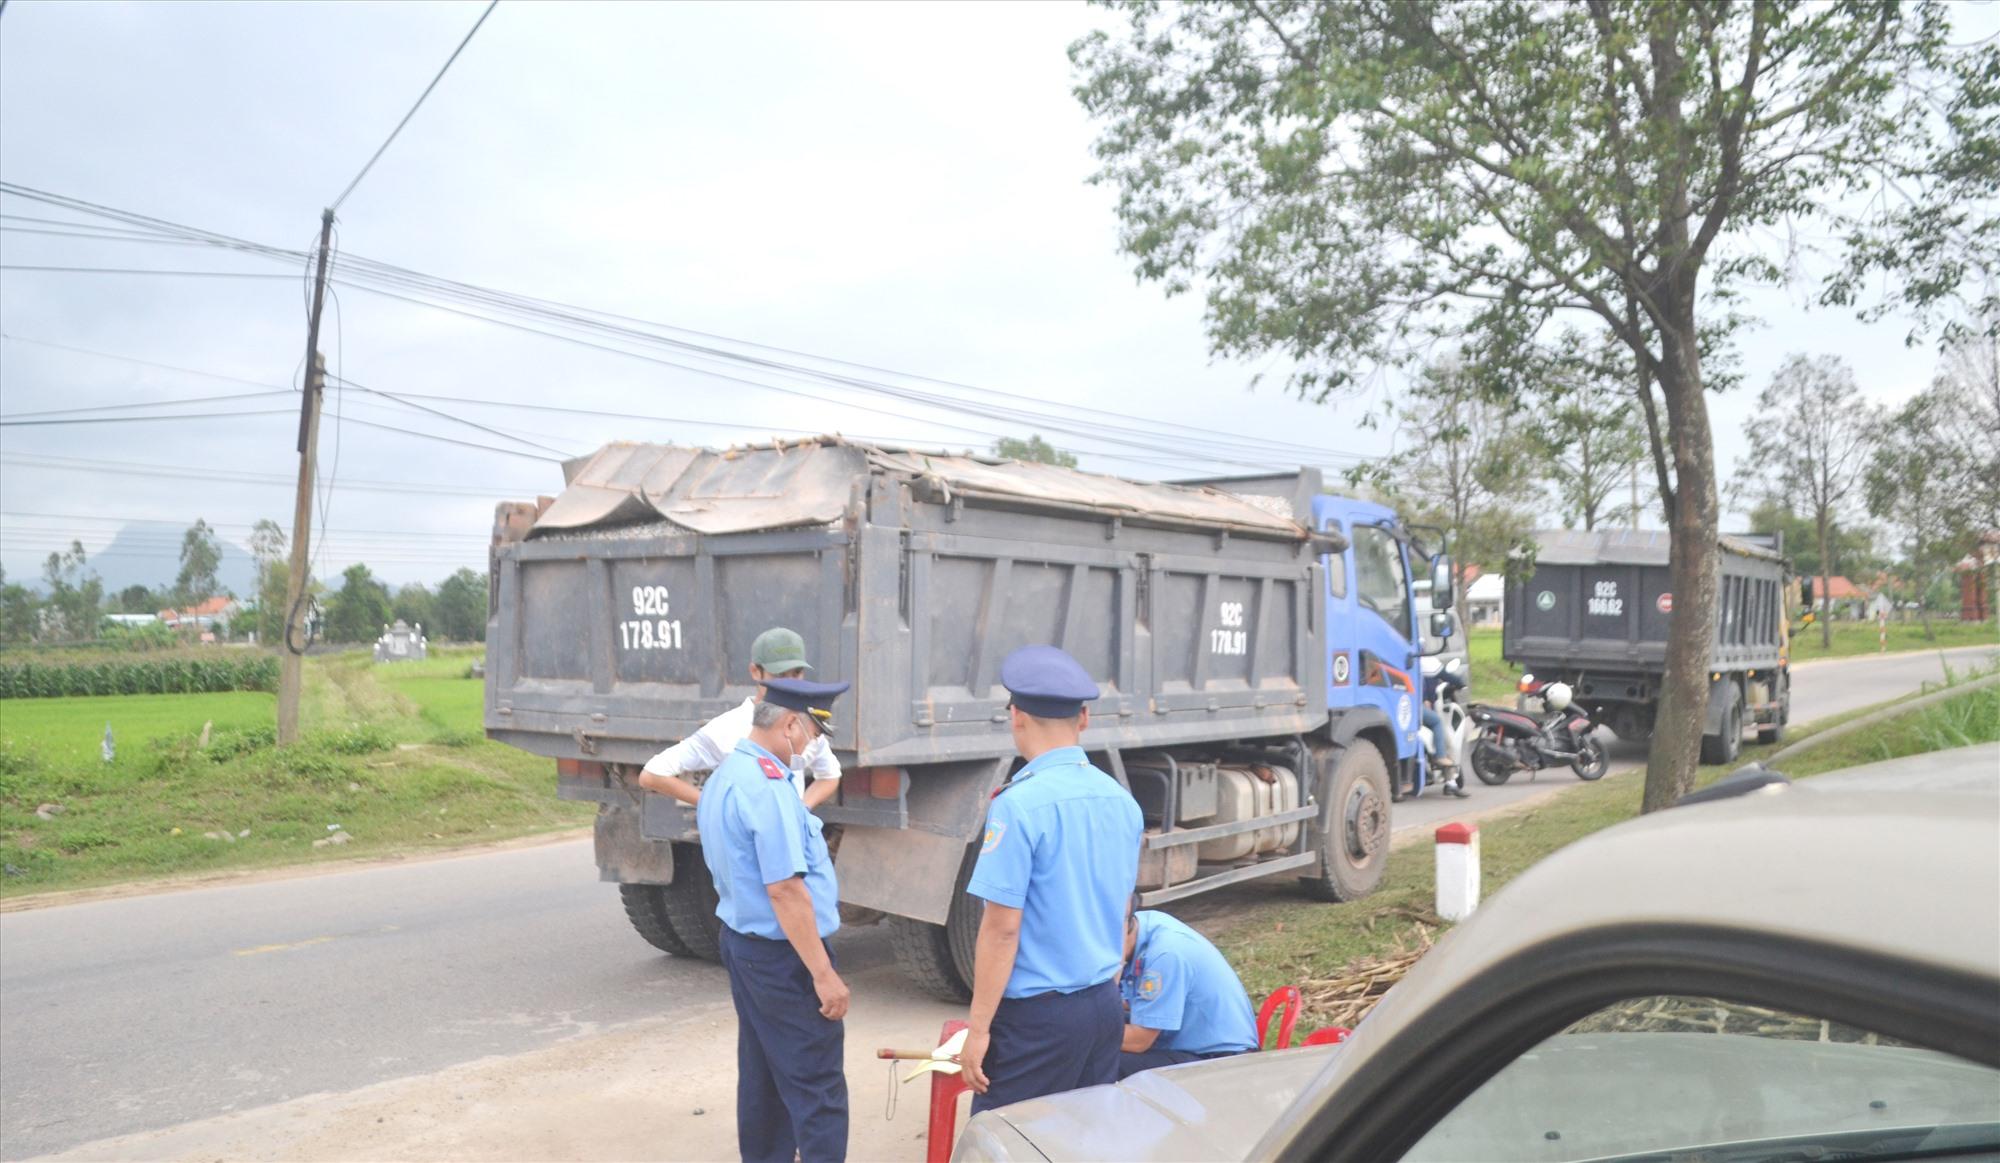 Thanh tra Sở GTVT kiểm soát tải trọng xe tải trên quốc lộ 14H (Hội An-Duy Xuyên-Nông Sơn). Ảnh: CT